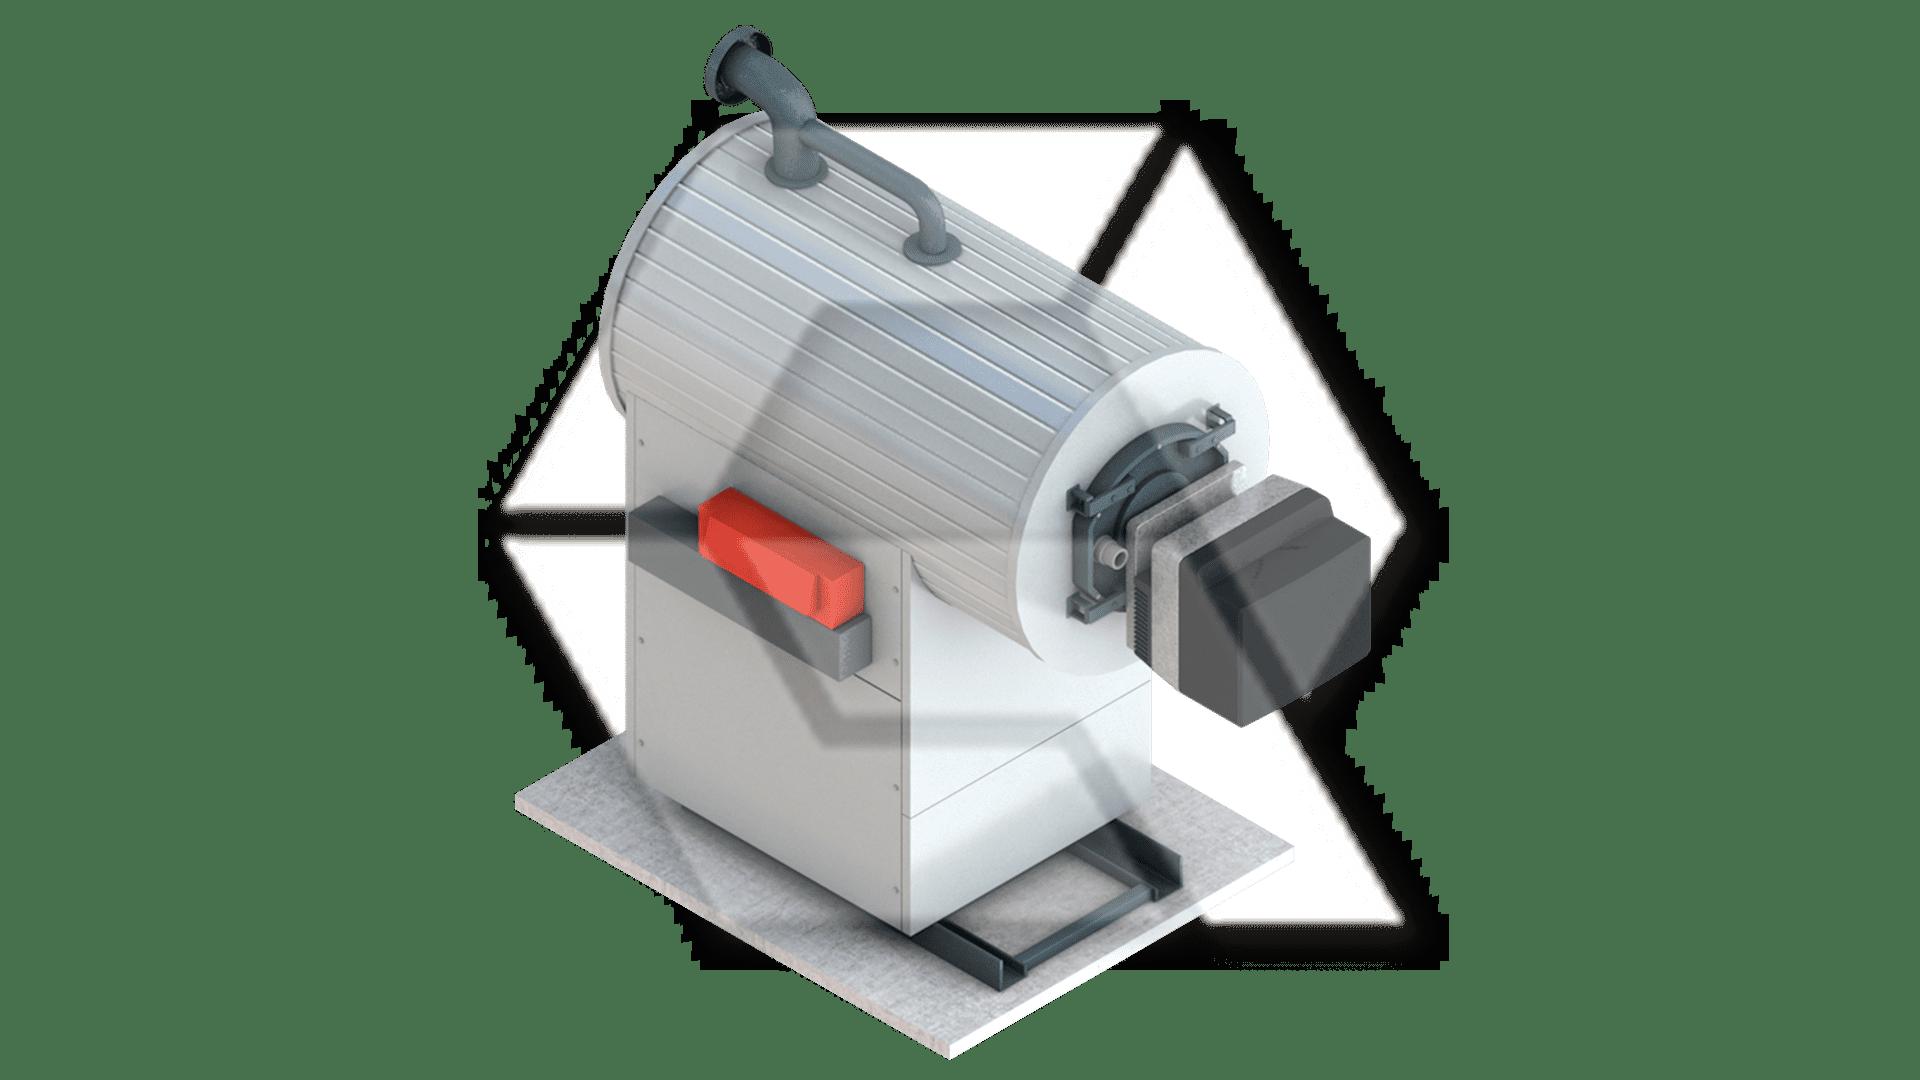 Viessmann Boiler closed